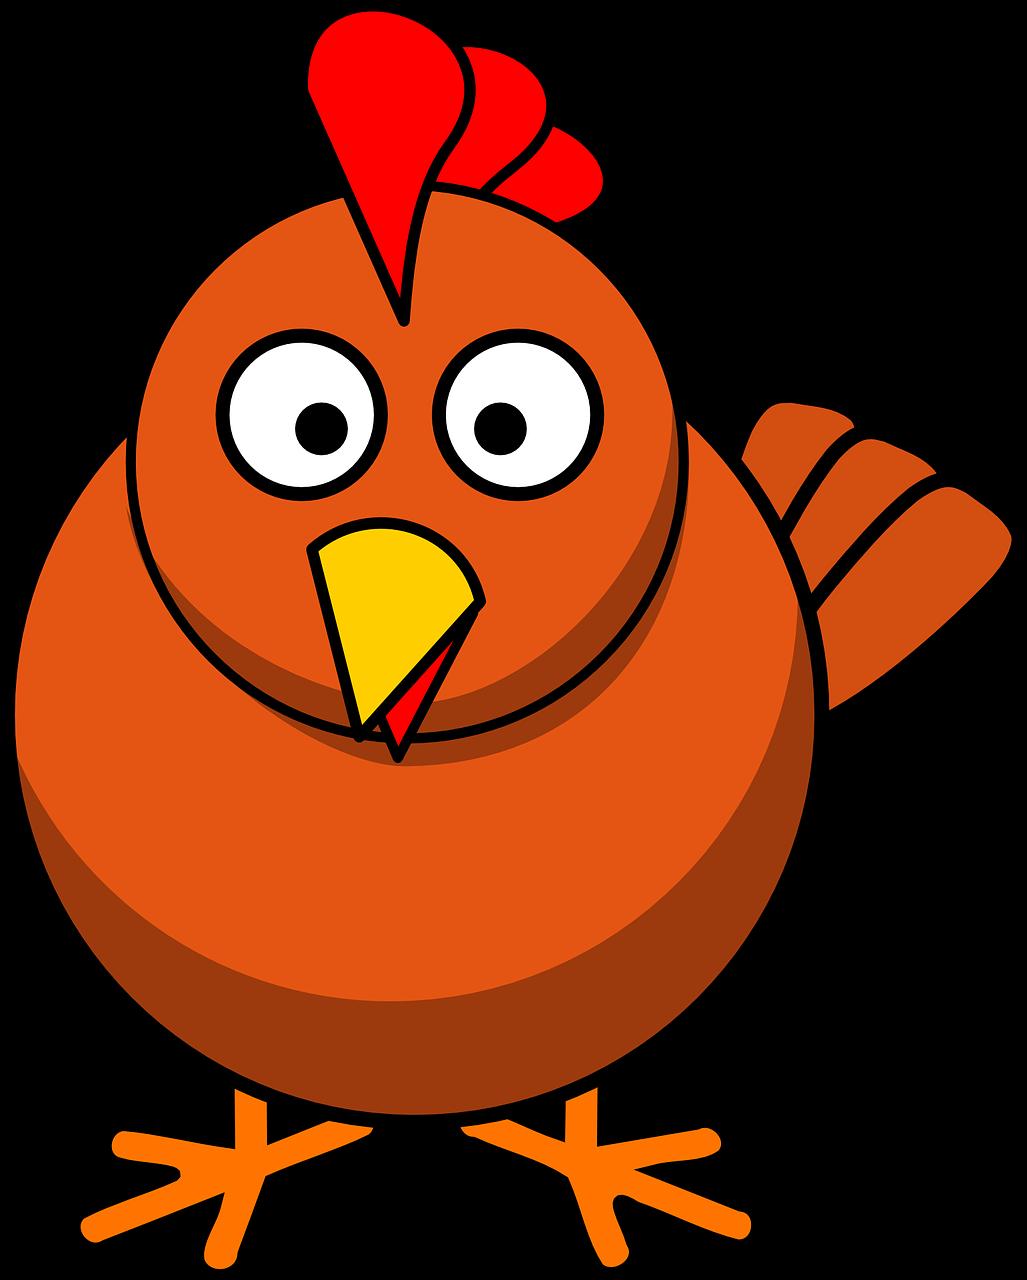 chicken-40335_1280